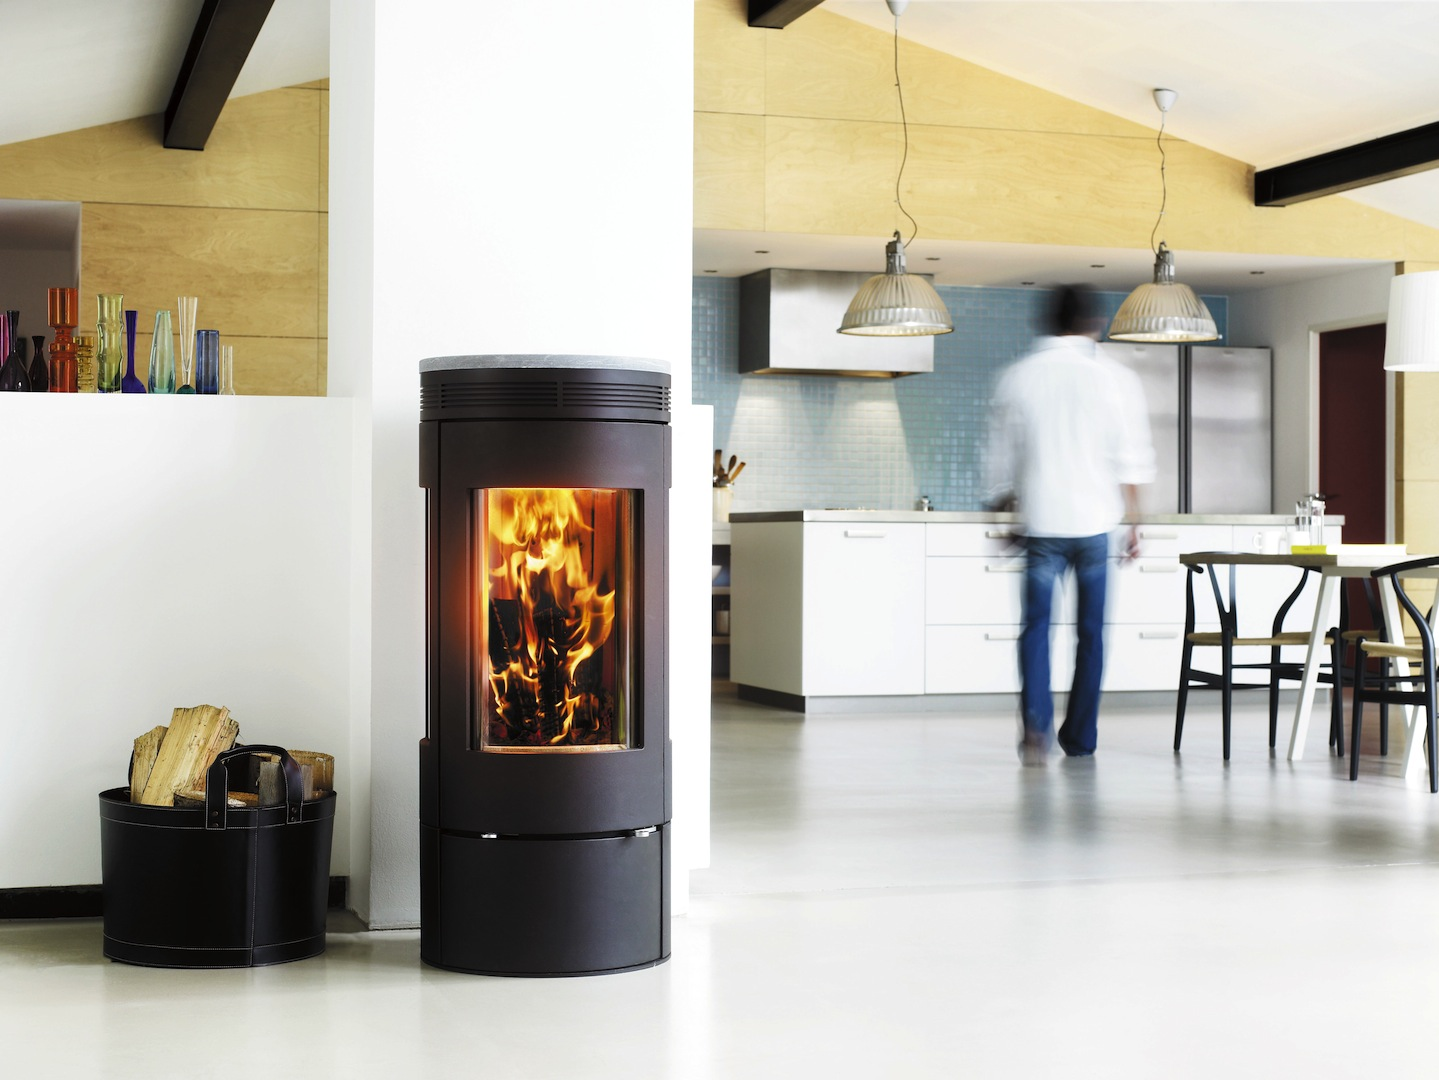 Keuken met houtkachel van speksteen EOS 1065 van Jydepeysen